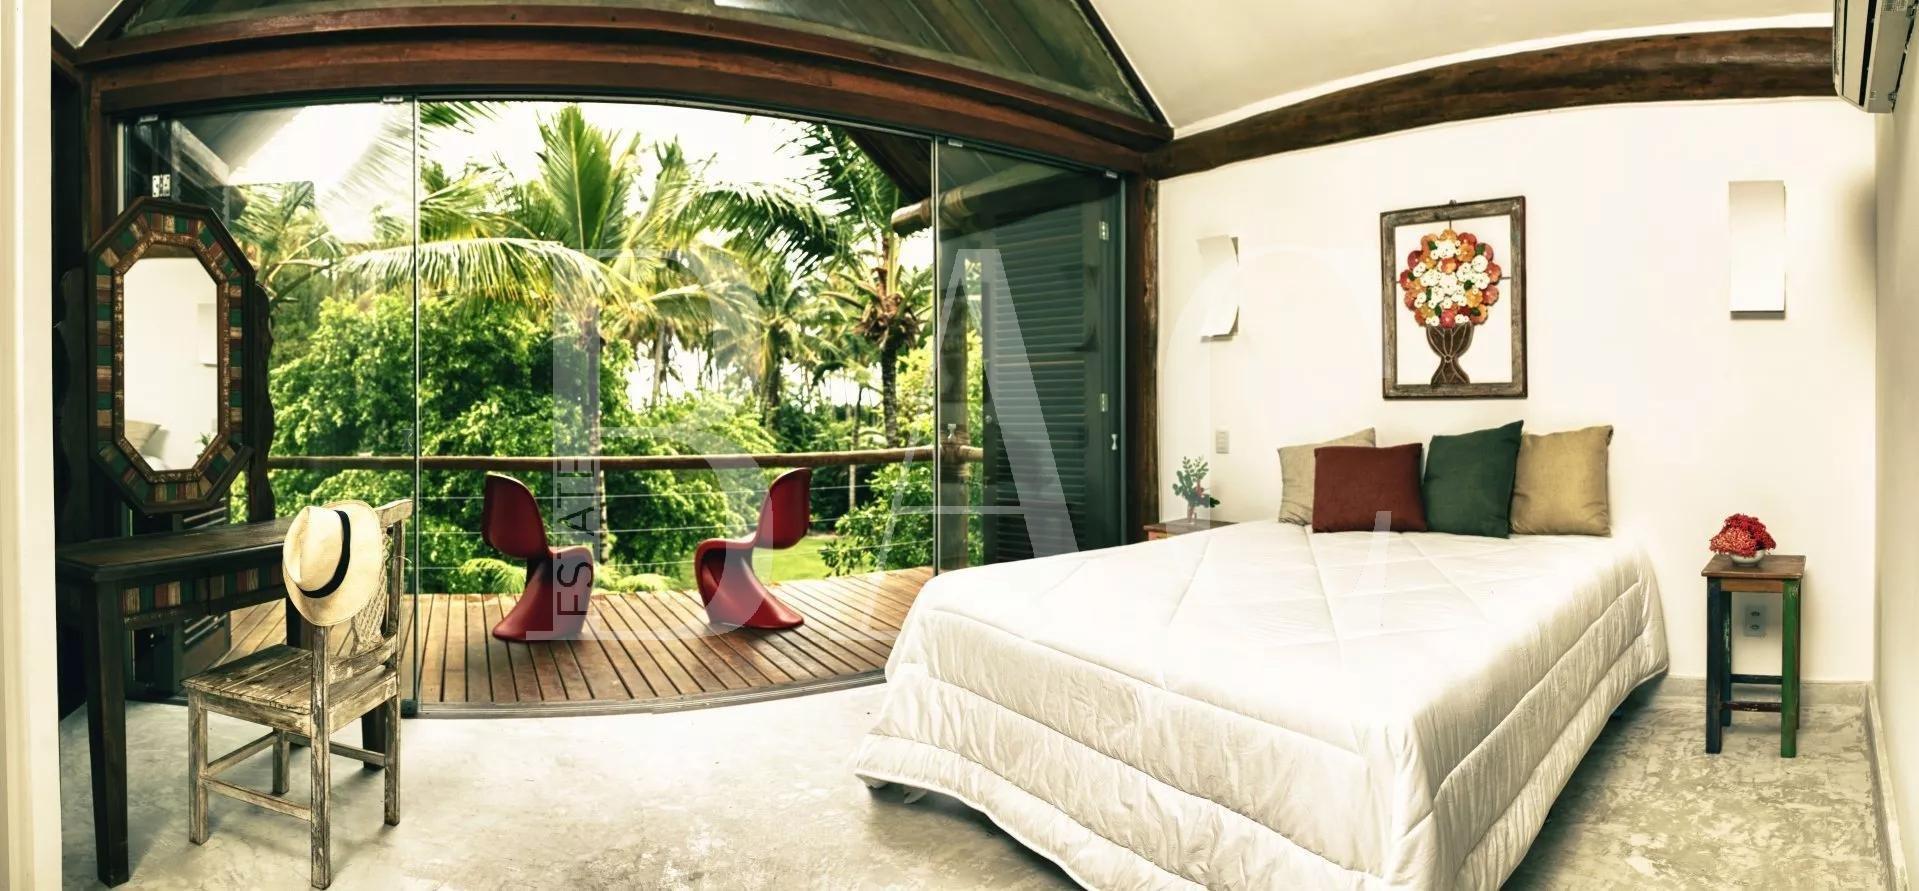 出售 别墅 - Cairu - 巴西